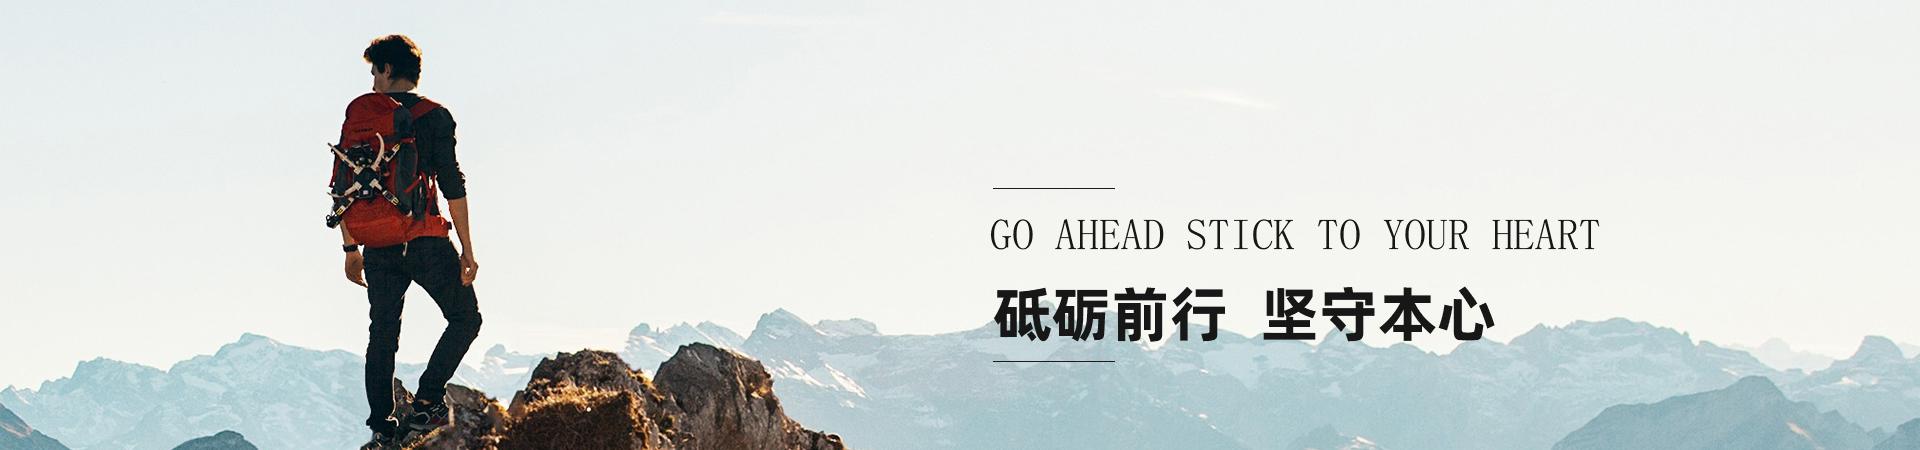 http://www.xxfuchen.cn/data/upload/202007/20200725085721_708.jpg